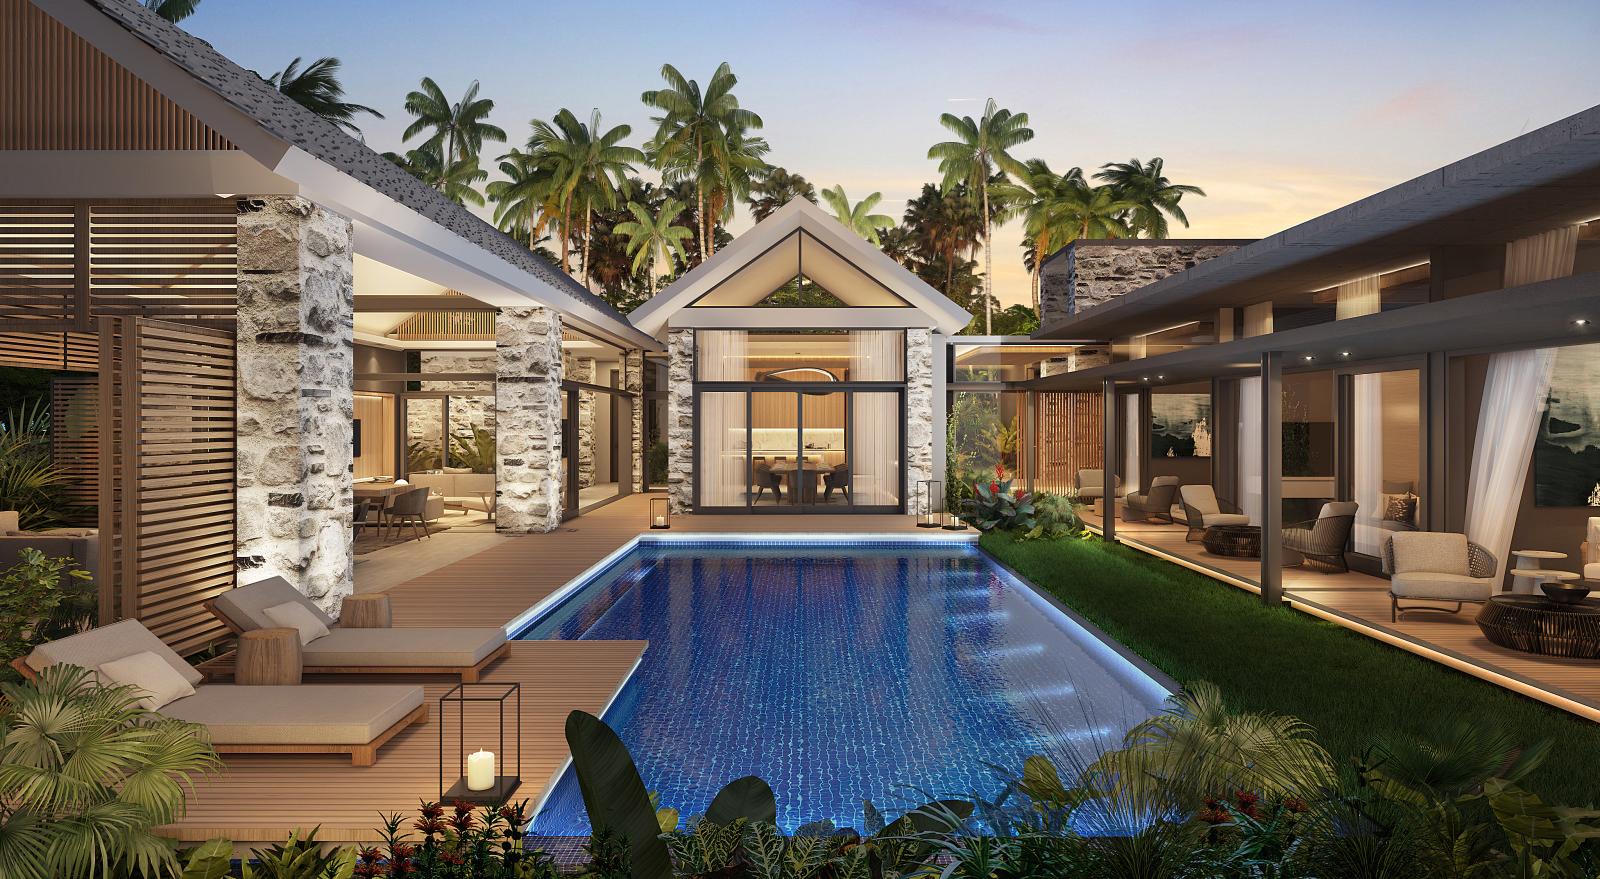 Maison villa achat vente grand baie 126 727 166 rupees lexpress property - Difference entre villa et maison ...